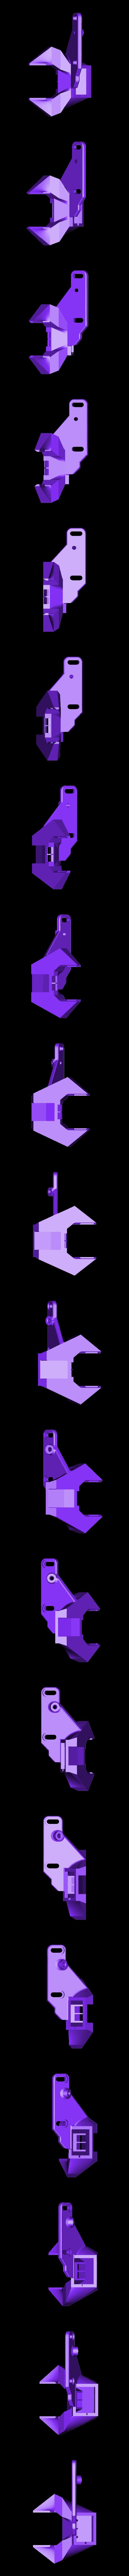 5015_Hemera_Shroud_v0.3.stl Télécharger fichier STL gratuit E3D Hemera Linear Rail Mount pour Chiron • Objet pour imprimante 3D, dincaionclaudiu